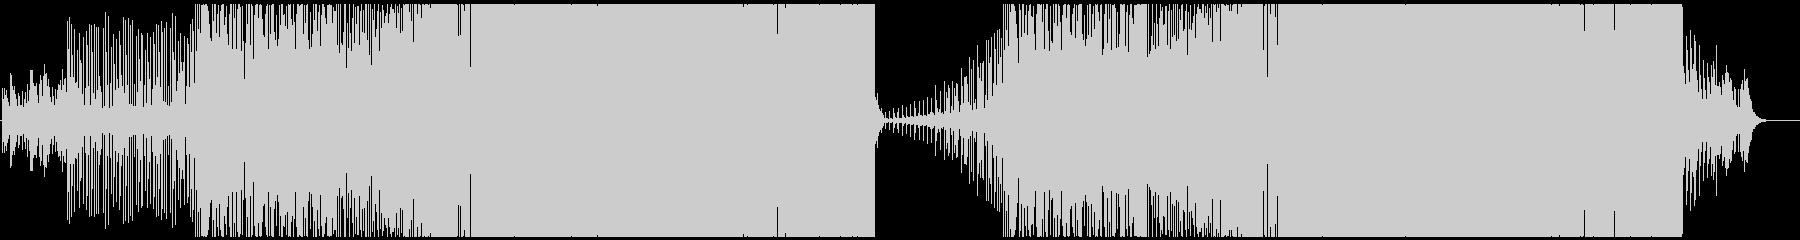 パワフルでアップテンポなEDMの未再生の波形